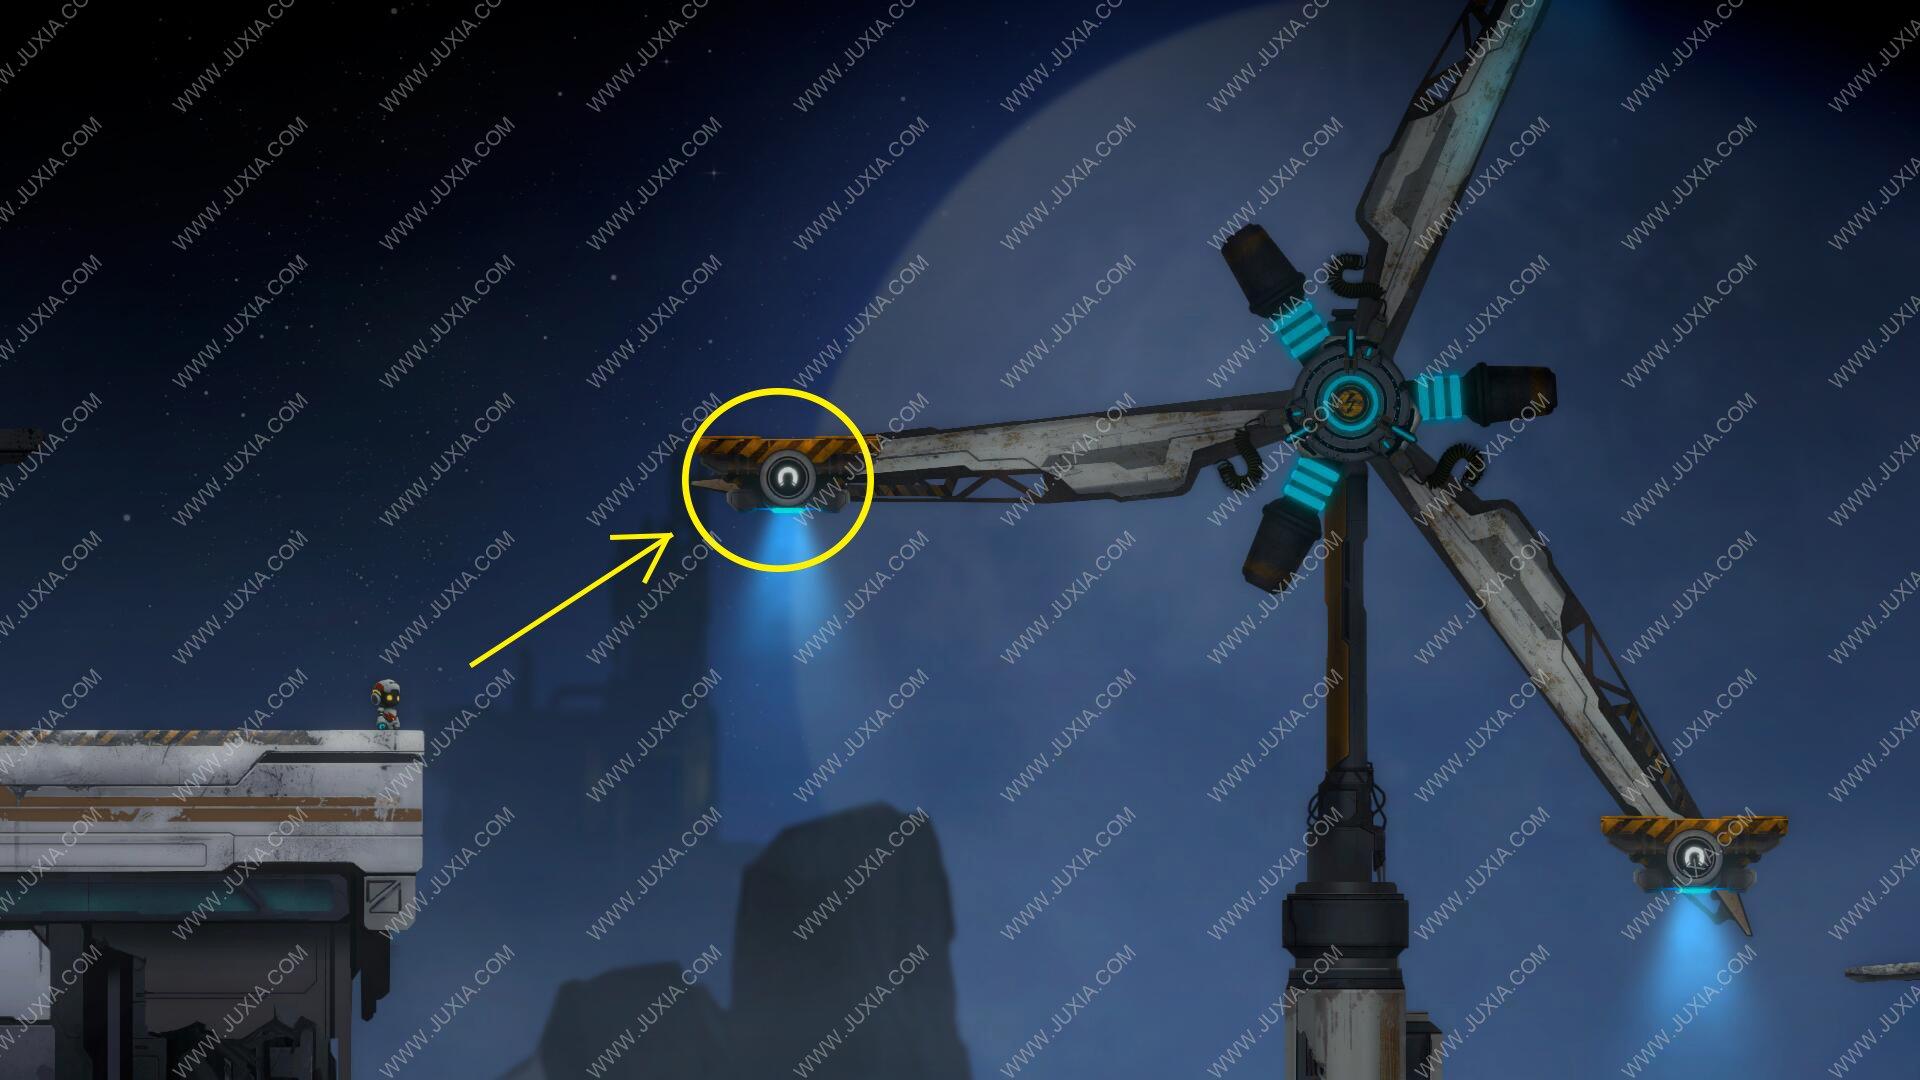 默途游戏攻略第二章 MONOBOT攻略管道怎么过